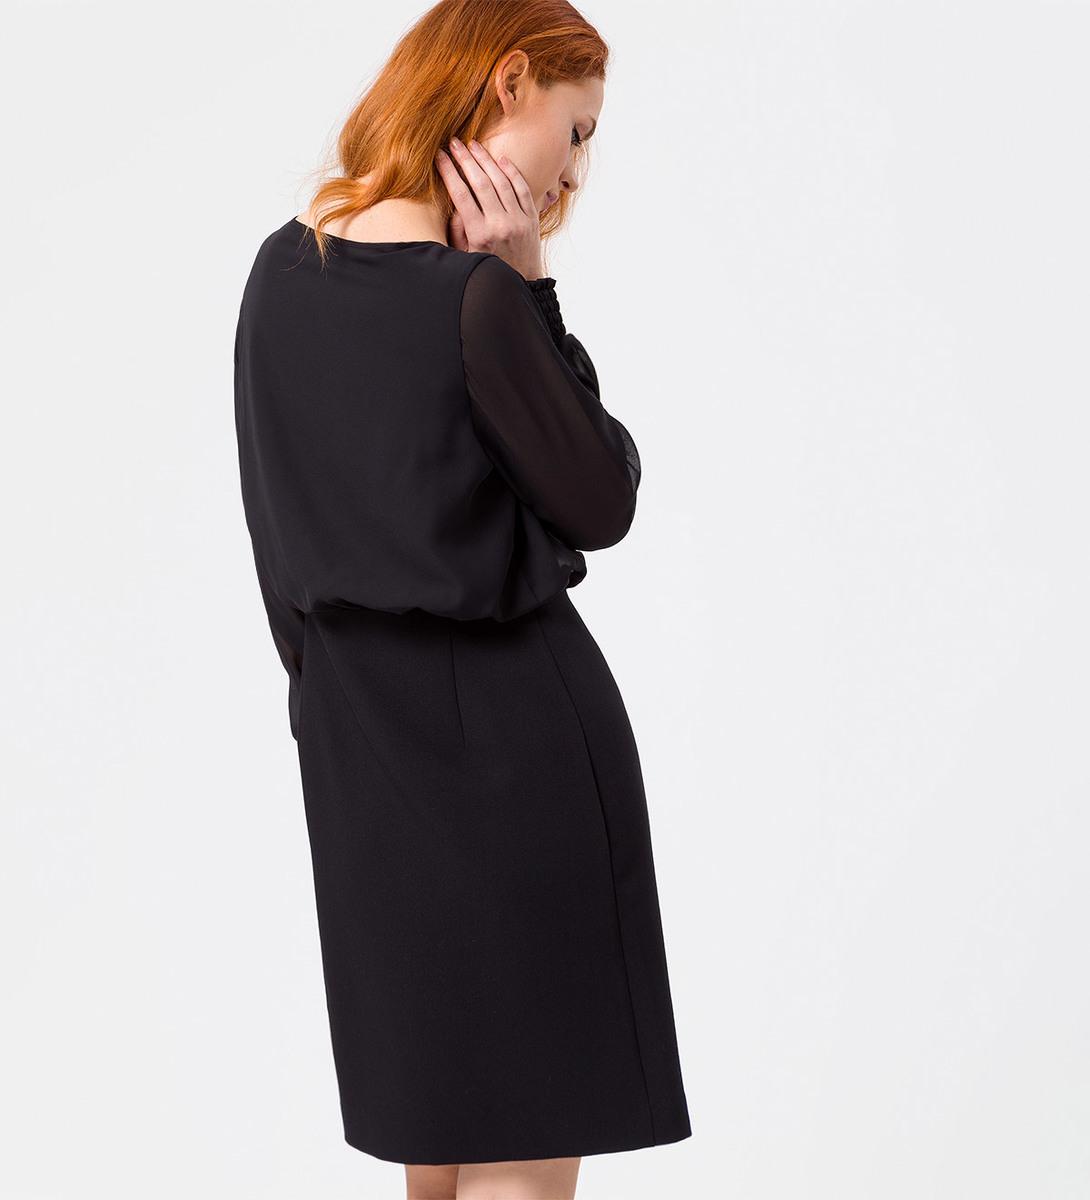 Kleid mit transparenten Ärmeln in black